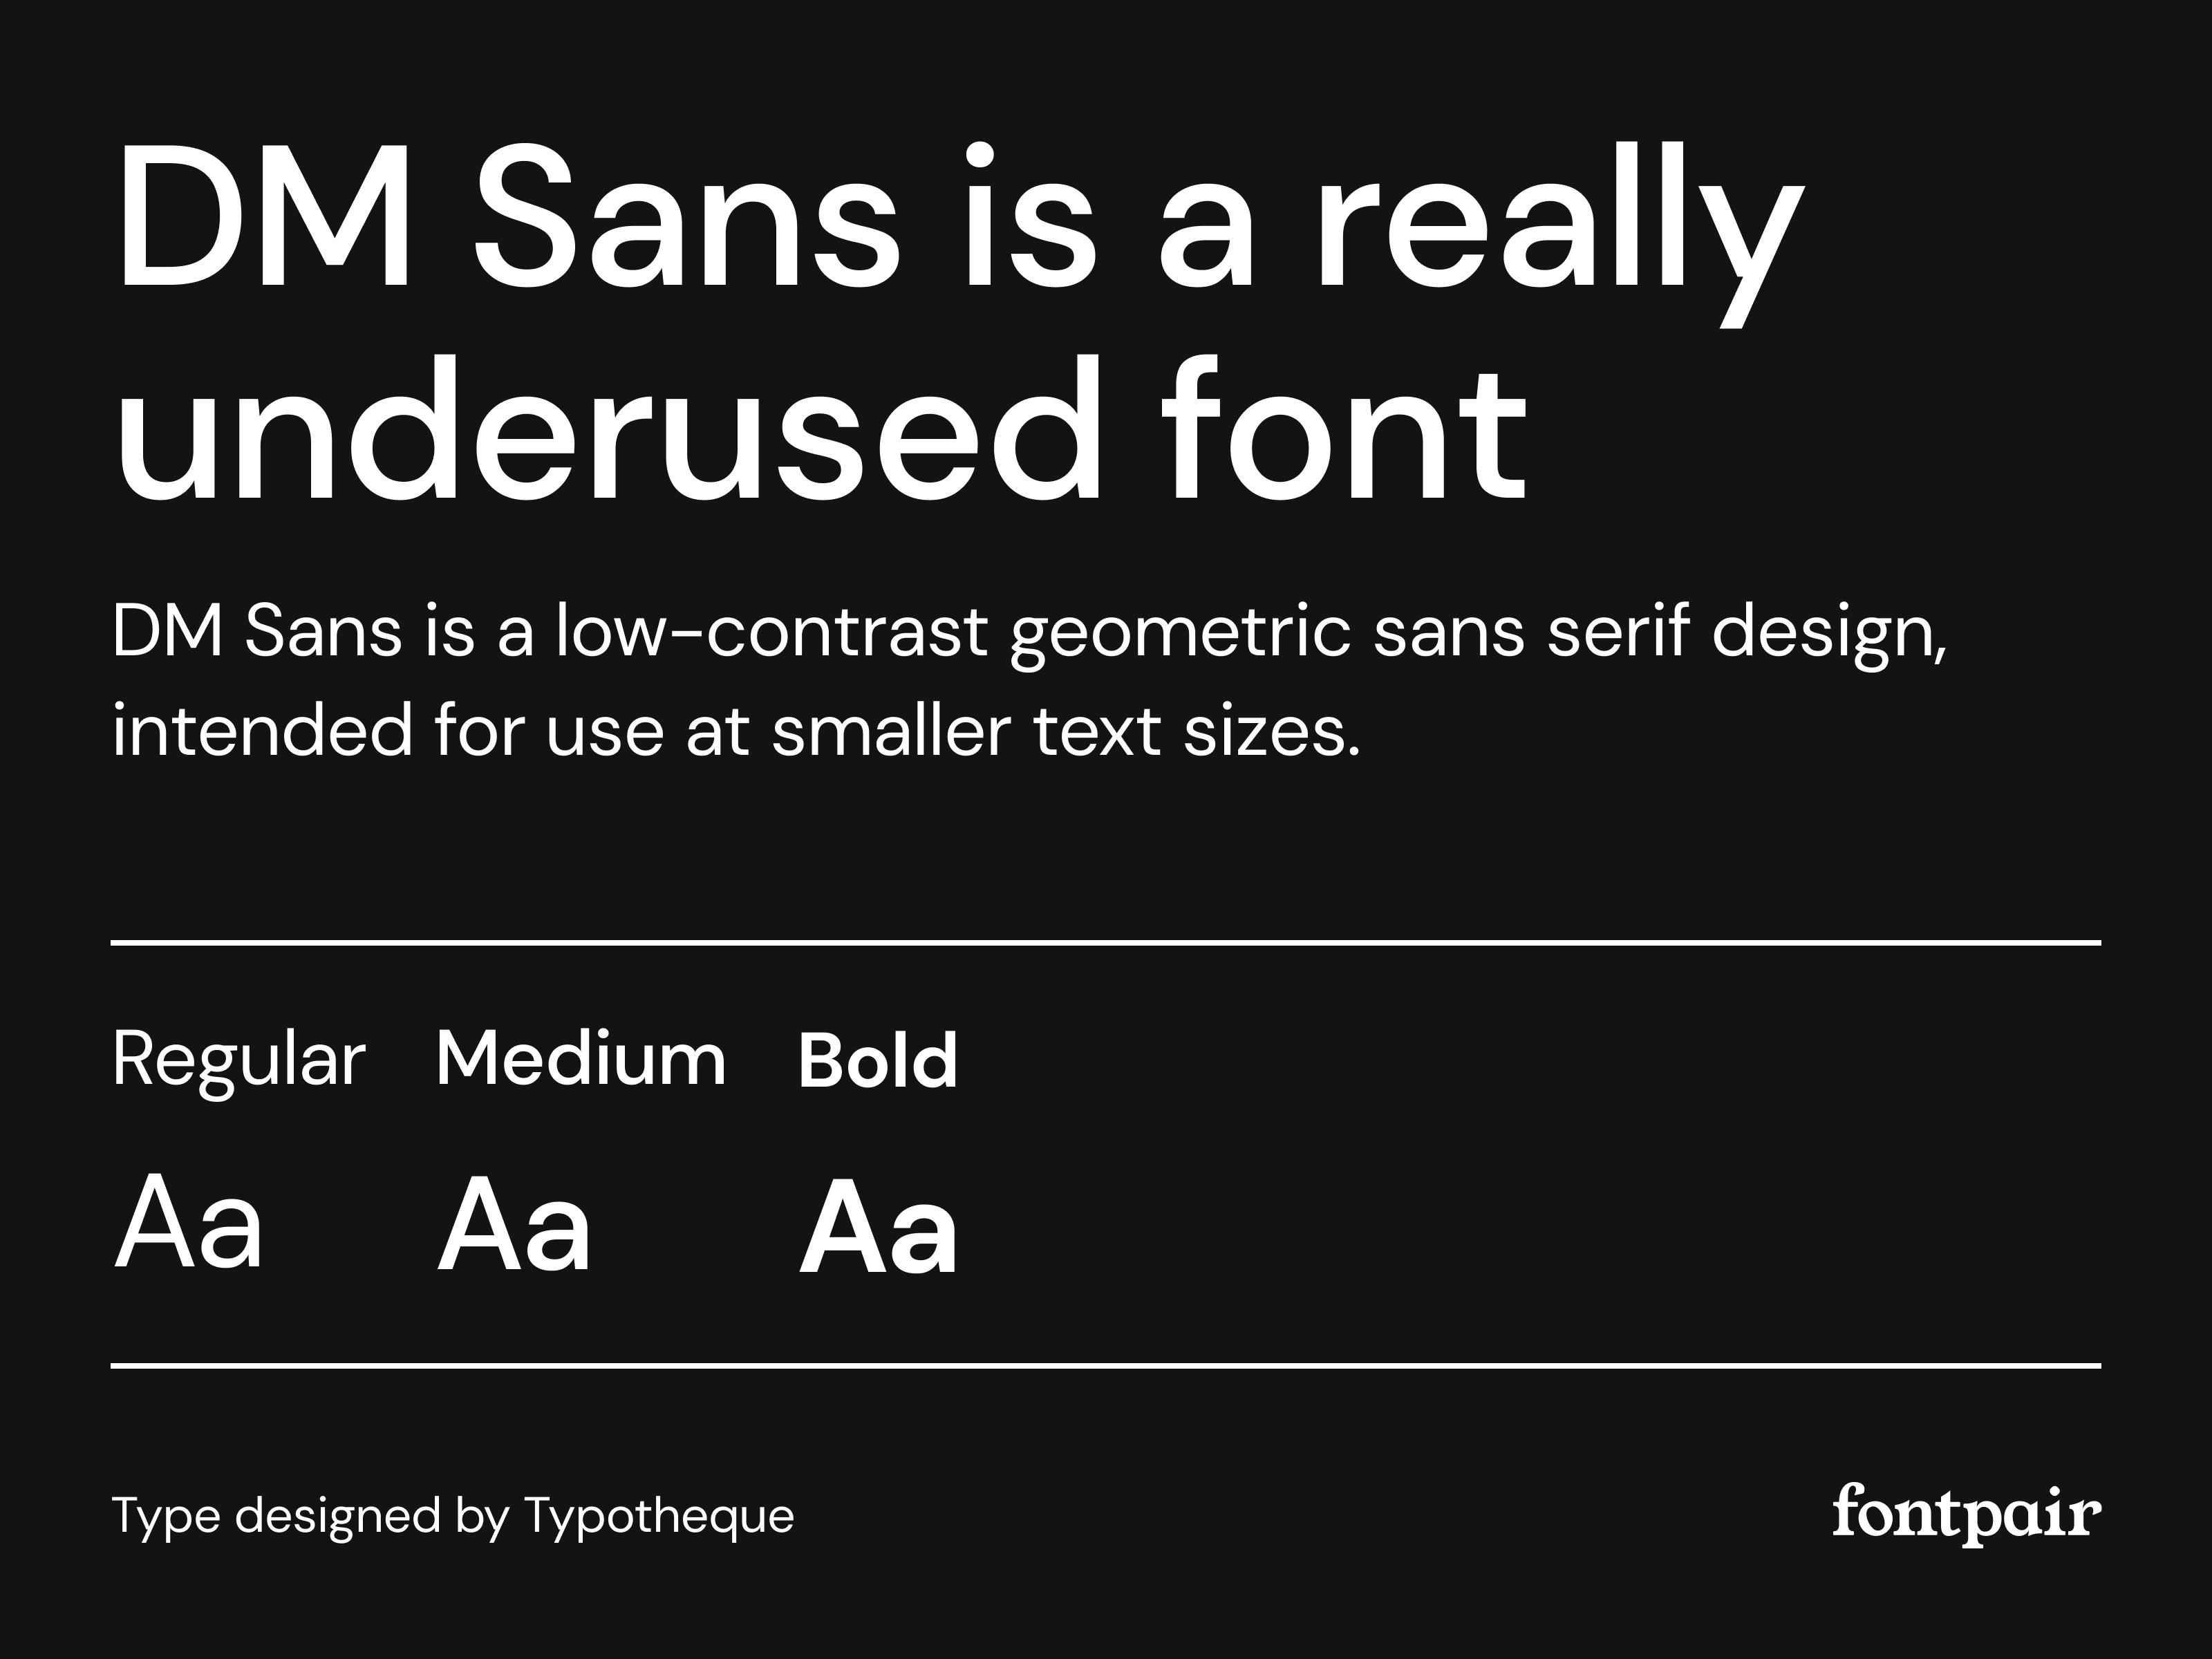 DM Sans